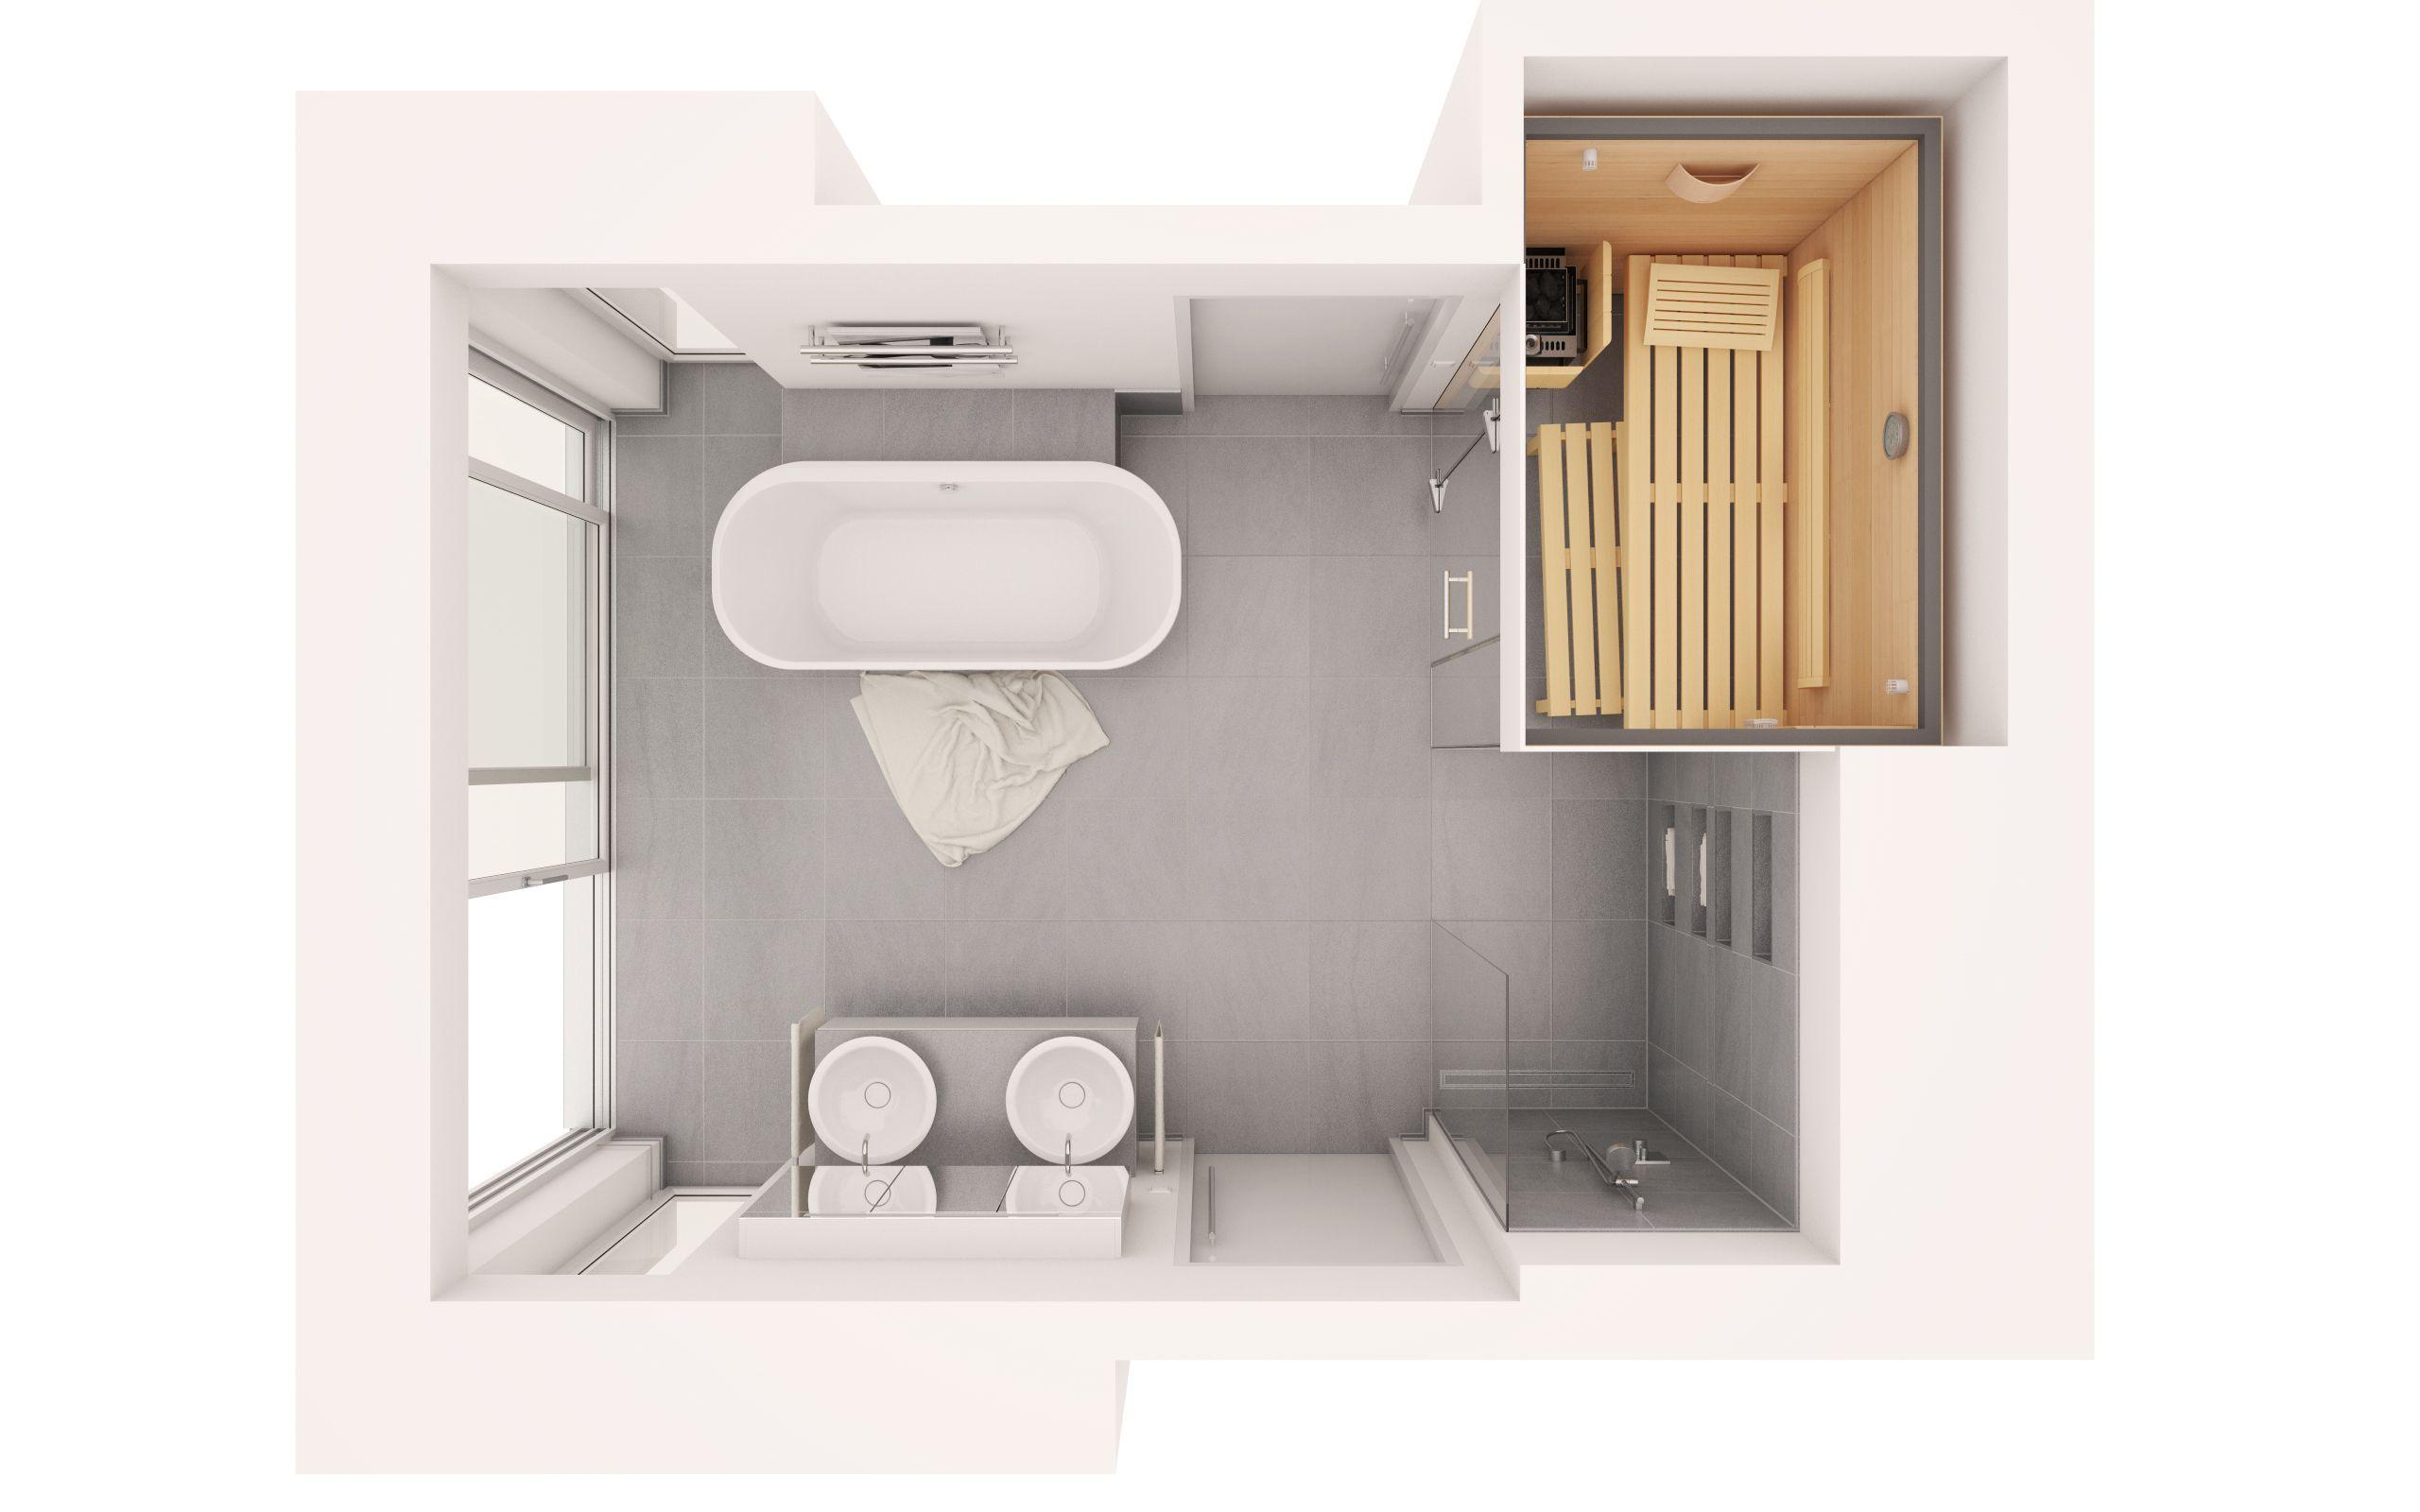 Badezimmer Sauna Klein Bathroom Inspiration Sauna Design Bathroom Plans